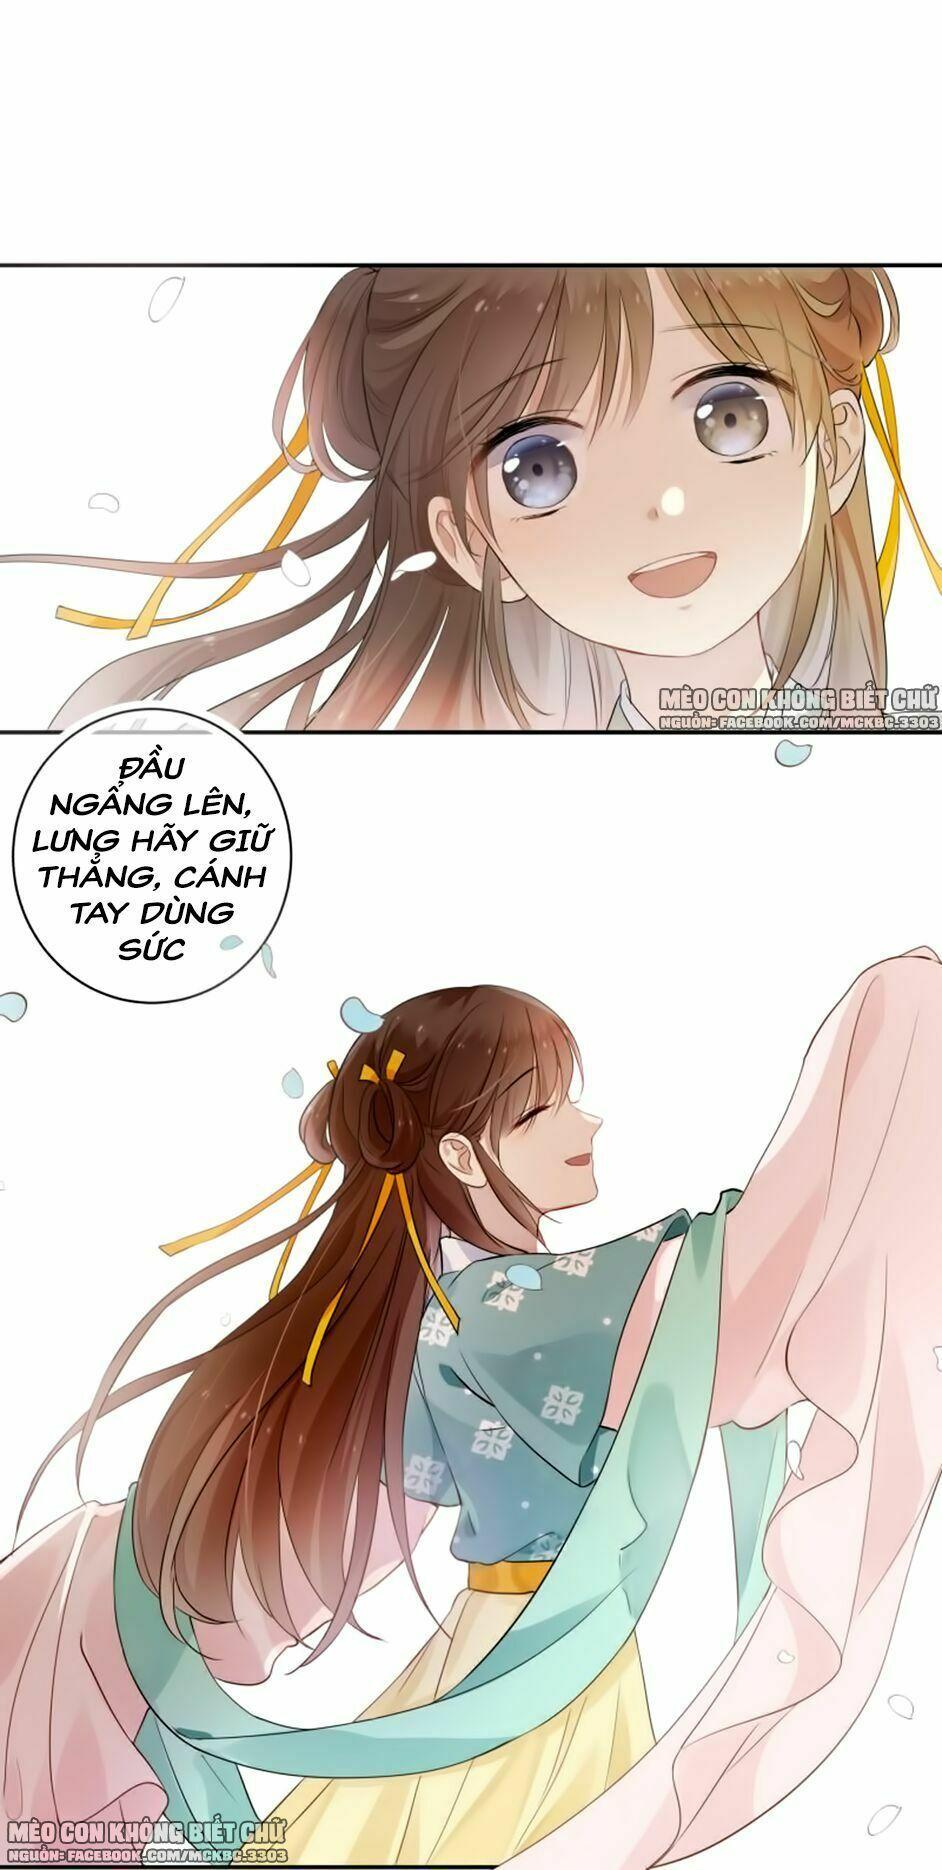 Kính Hoa Thương – Chap 7 | A3 Manga